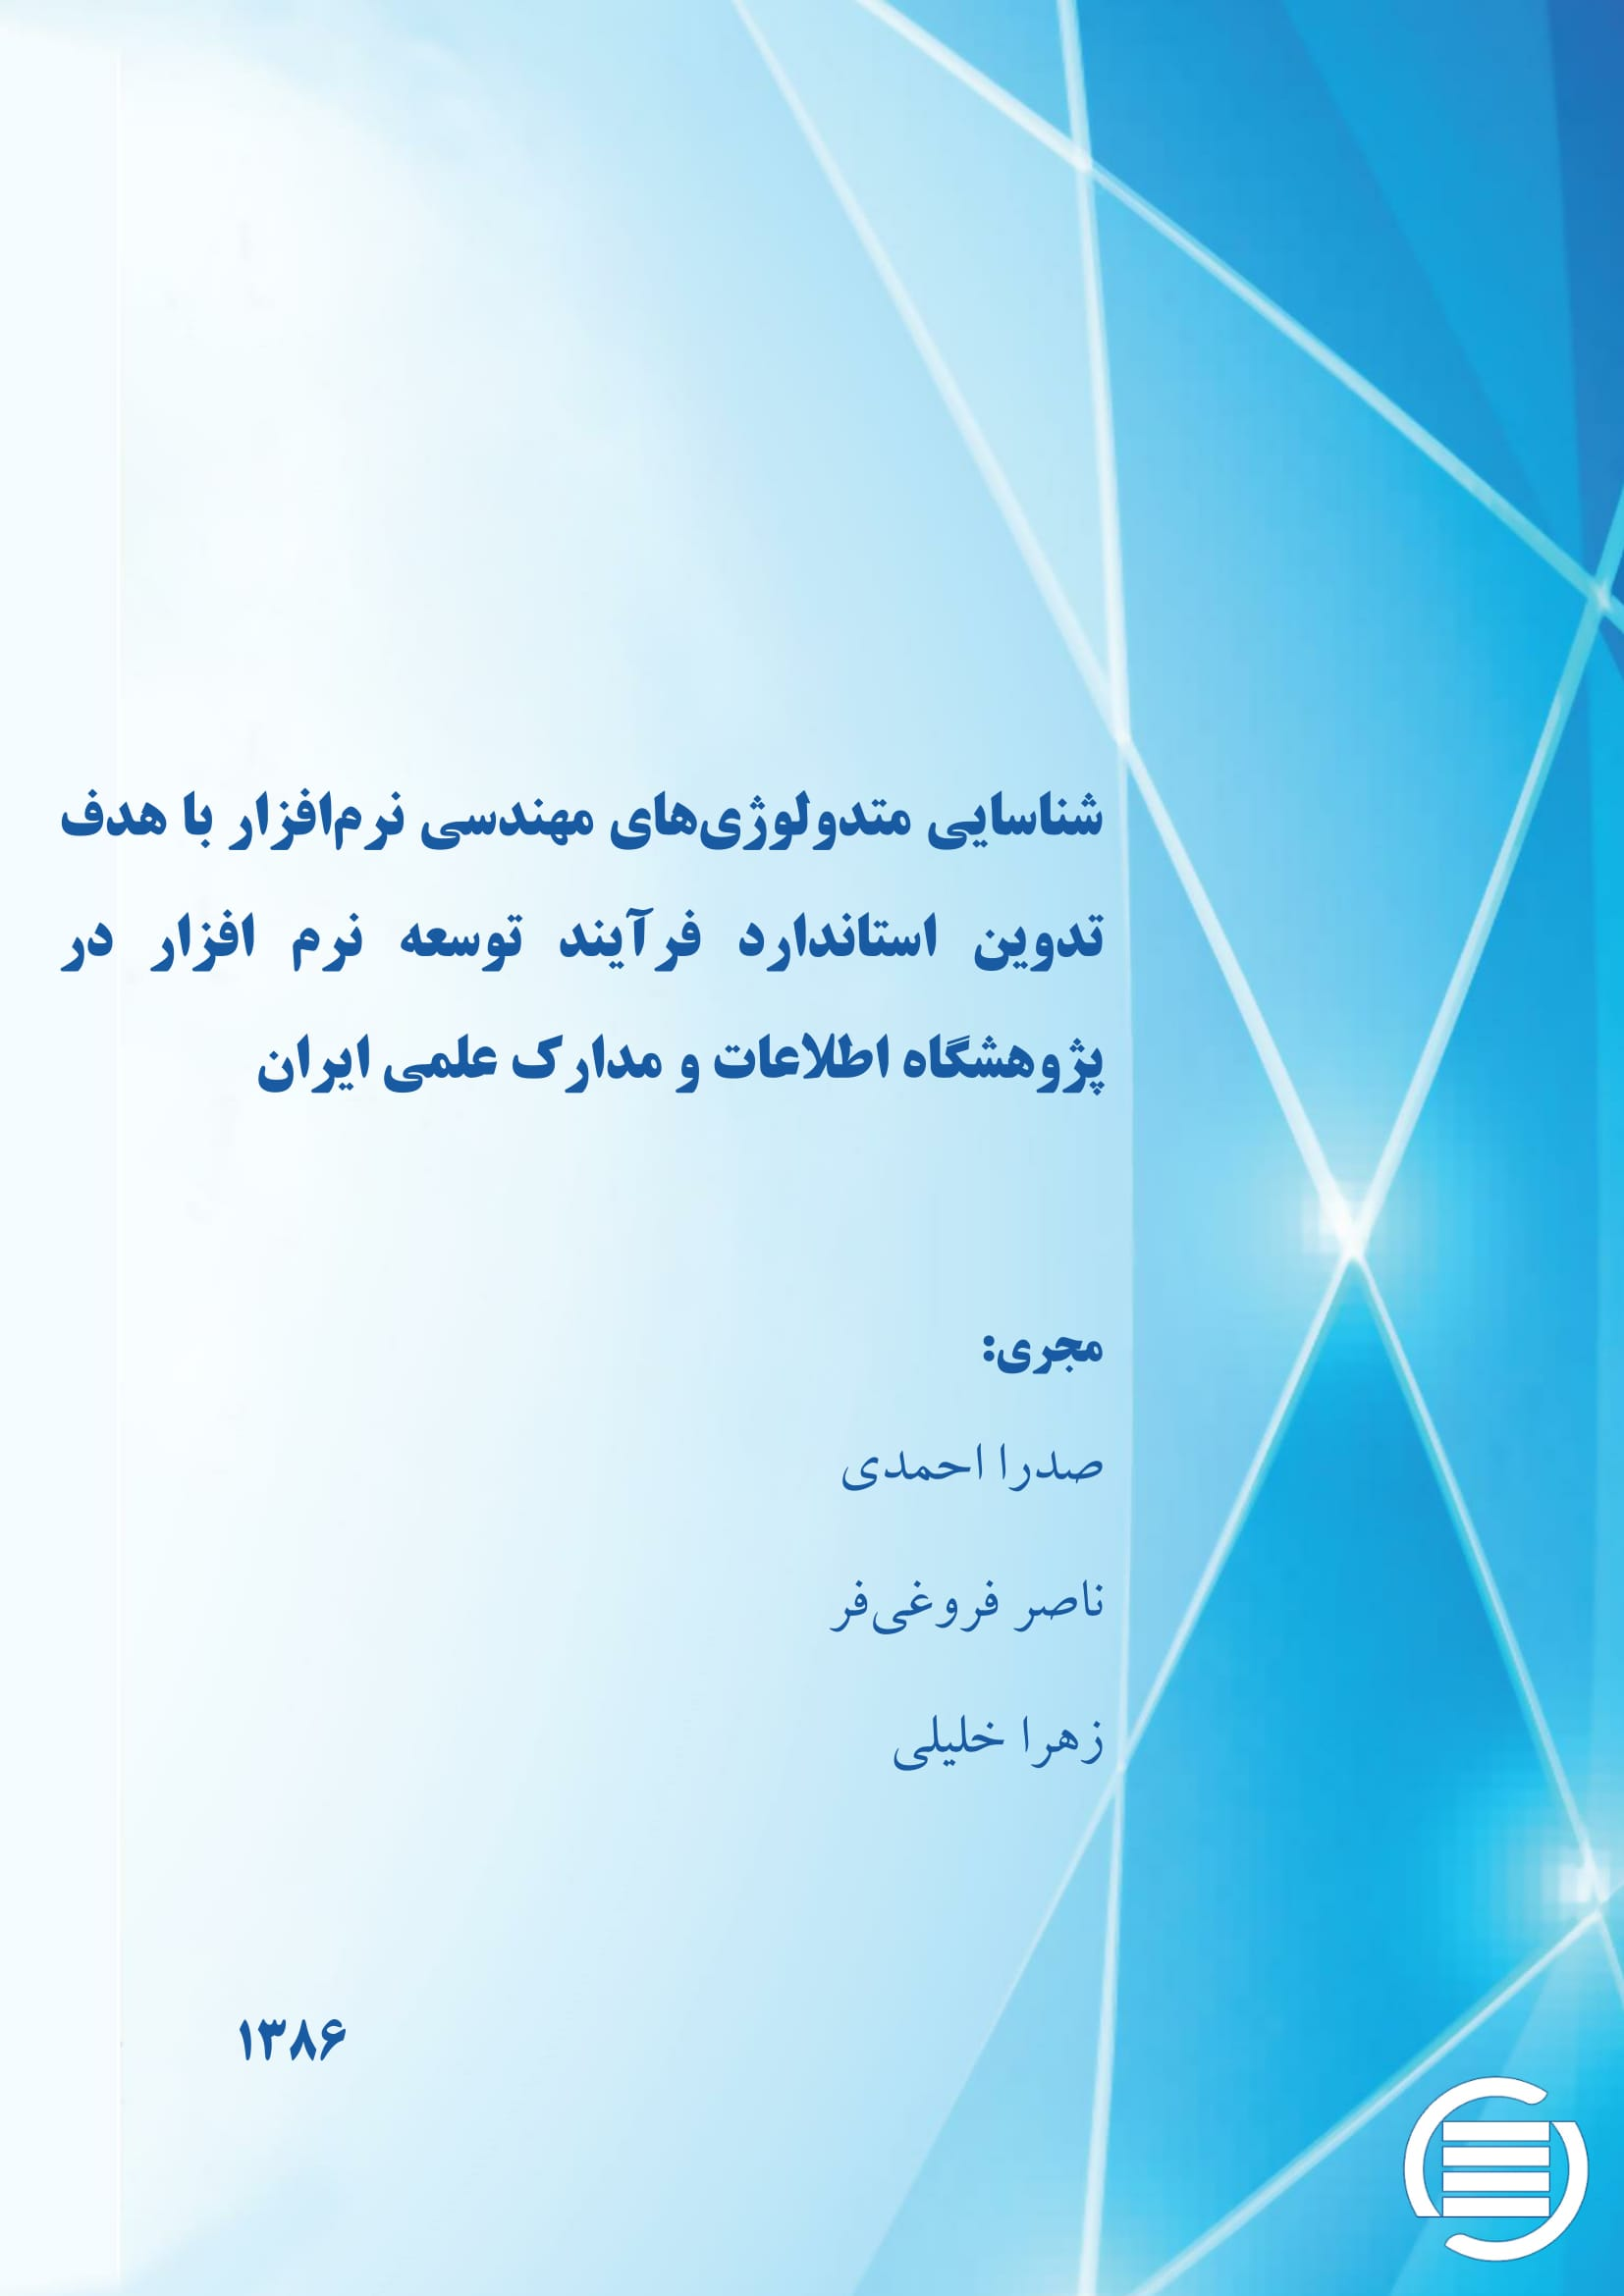 شناسایی متدولوژیهای مهندسی نرمافزار: با هدف تدوین استاندارد فرایند توسعه نرمافزار در پژوهشگاه اطلاعات و مدارک علمی ایران